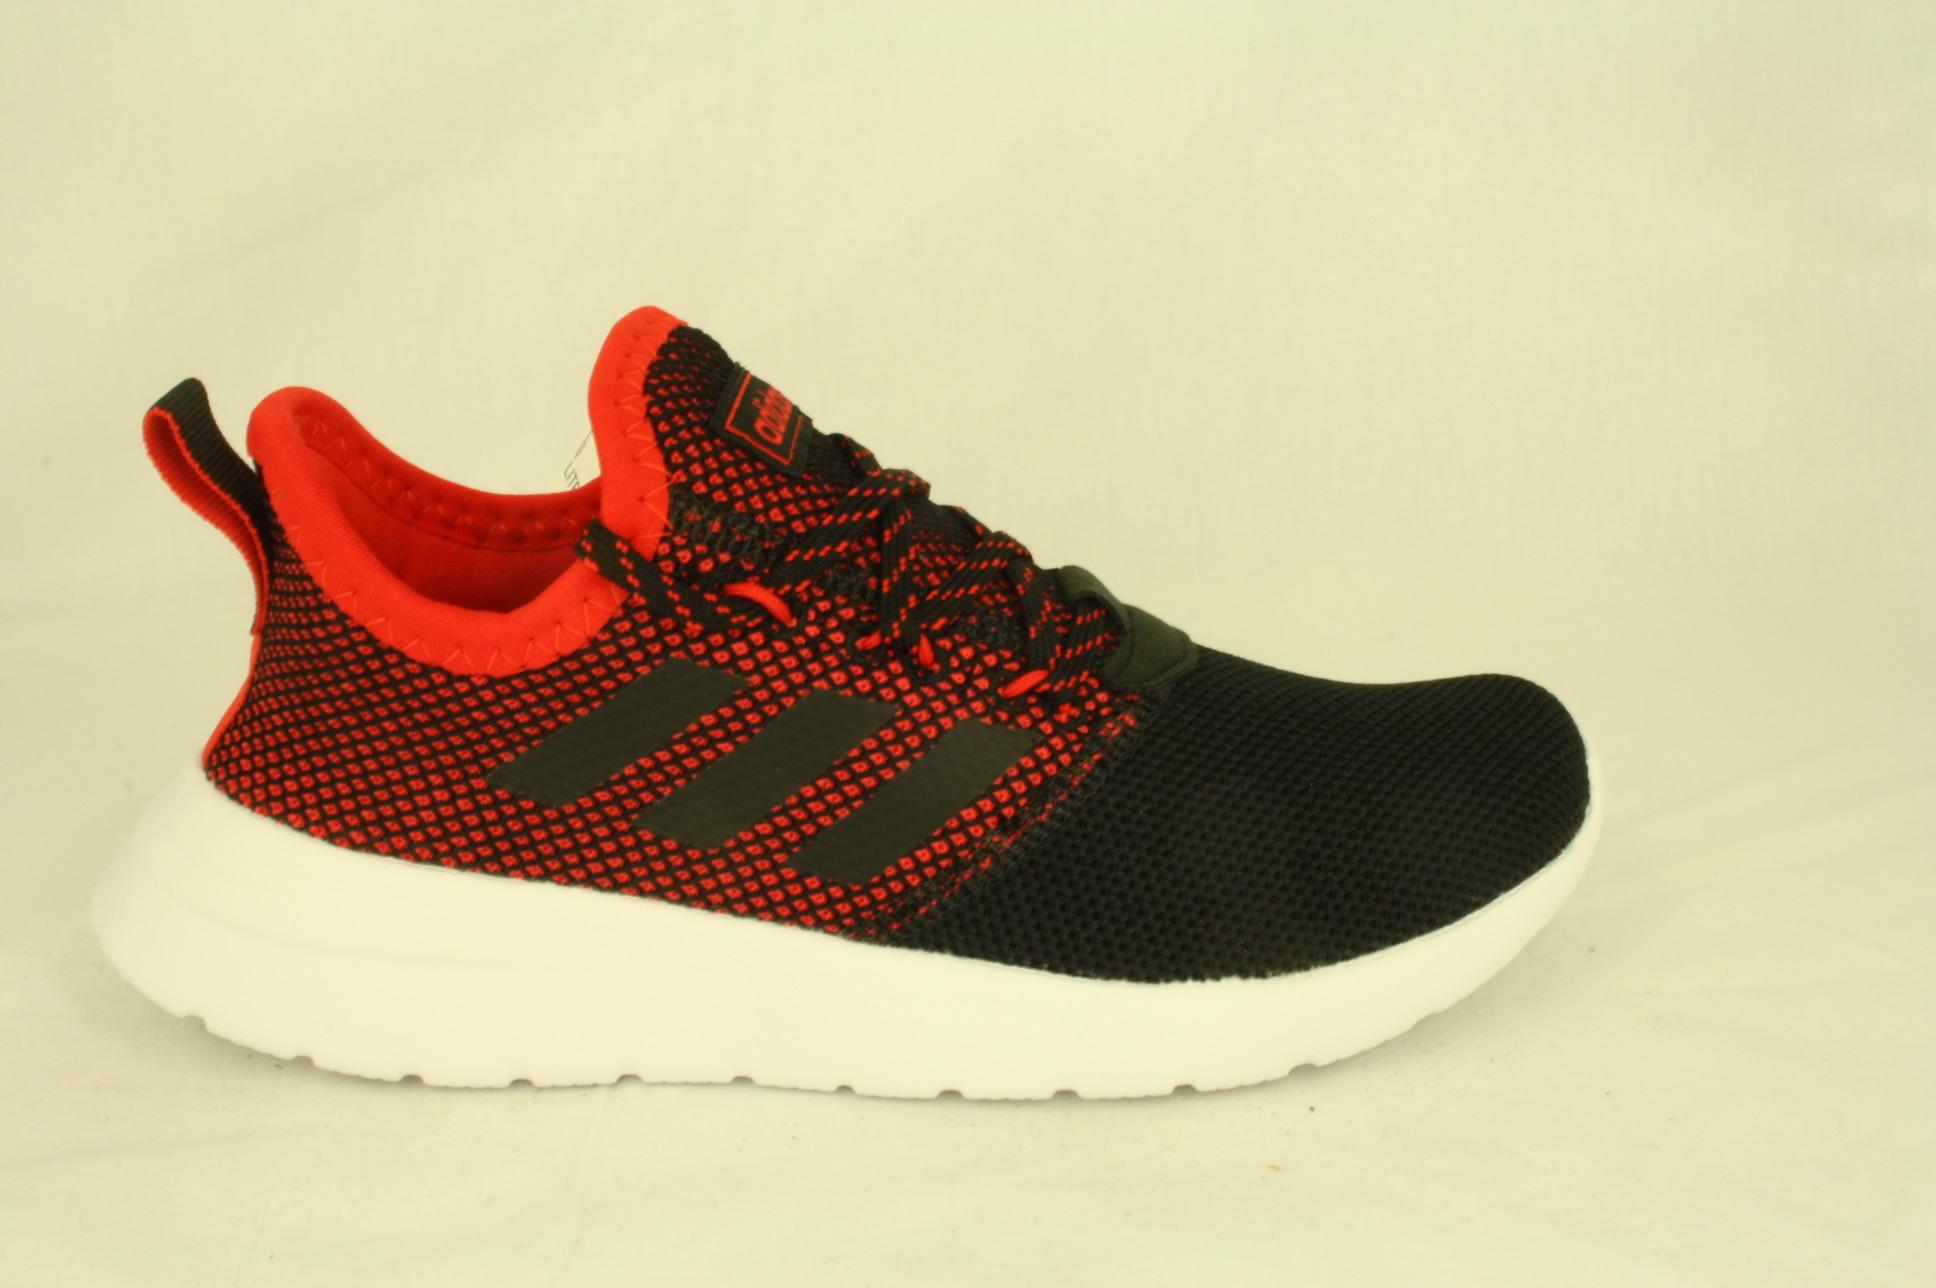 Dwars schoen en sportmode Adidas: Lite Racer RBN, zwartrood, maat 35,5 tm 40 € 55,00